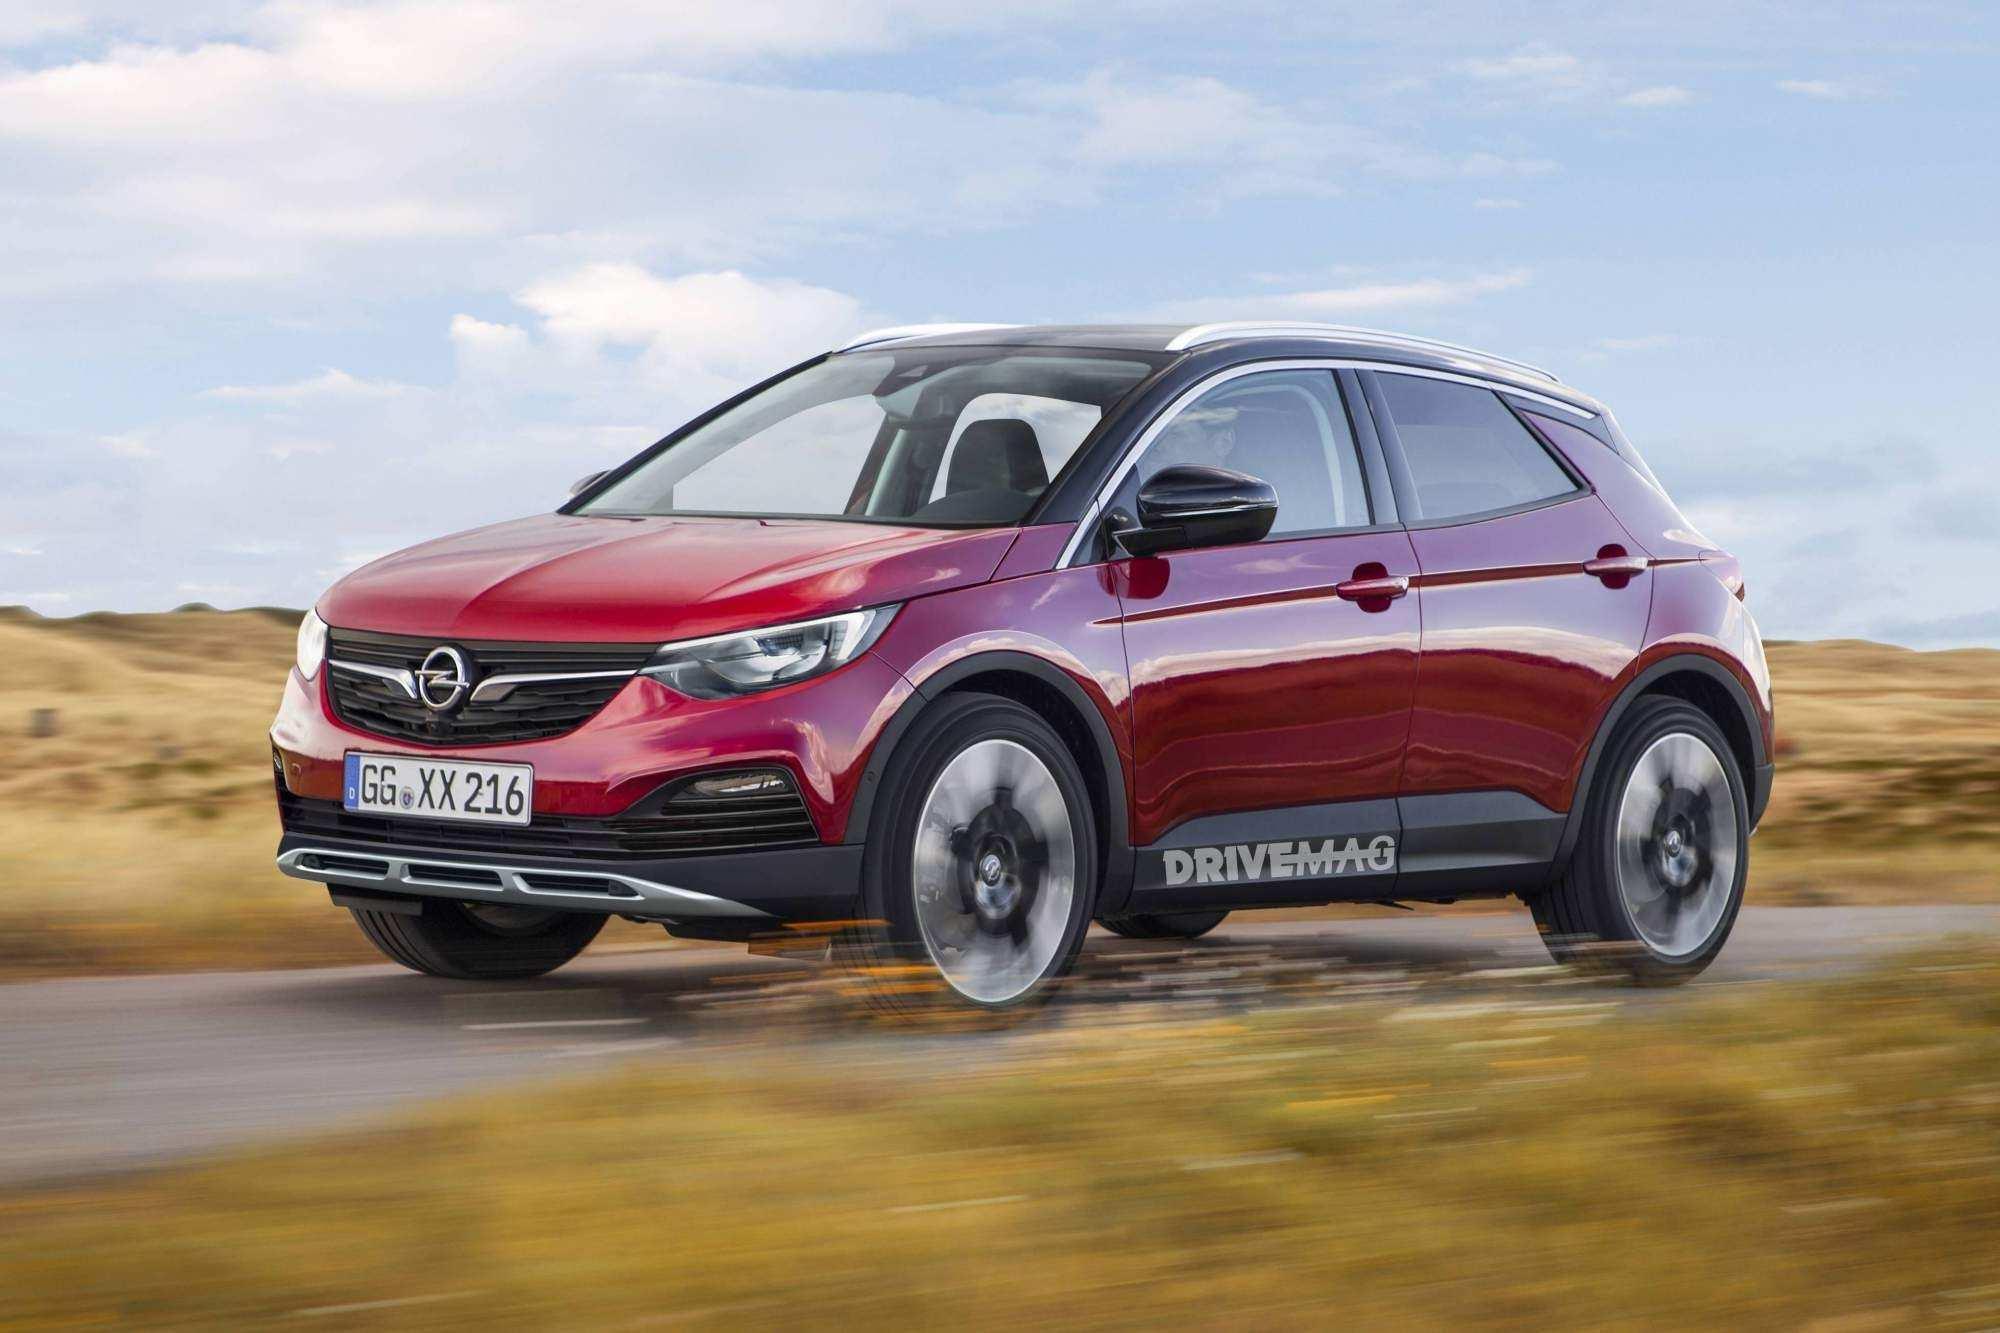 78 Gallery of Opel Mokka 2020 Images for Opel Mokka 2020